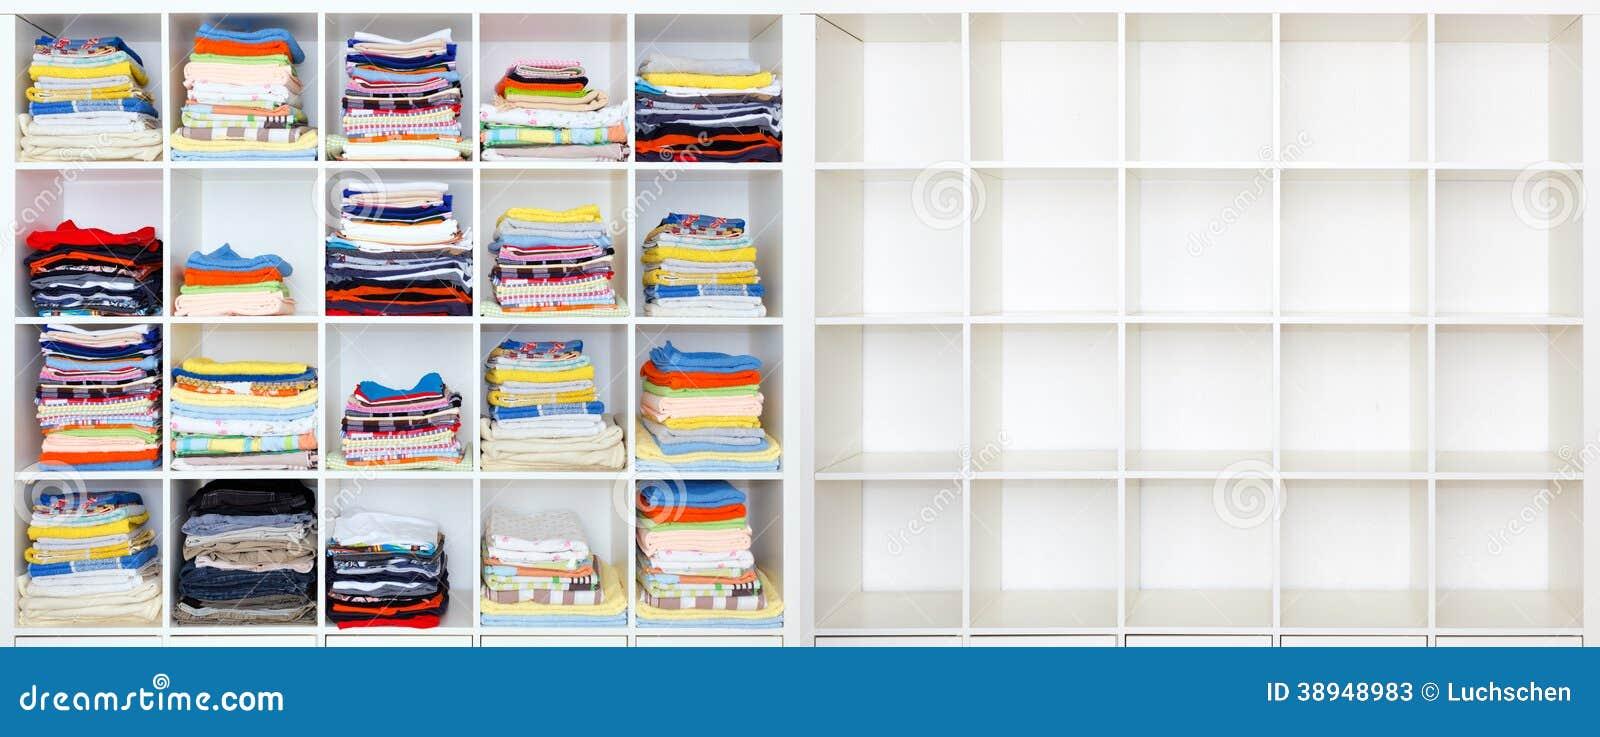 Tücher, Bettlaken Und Kleidung Stockbild - Bild von rahmen, feld ...